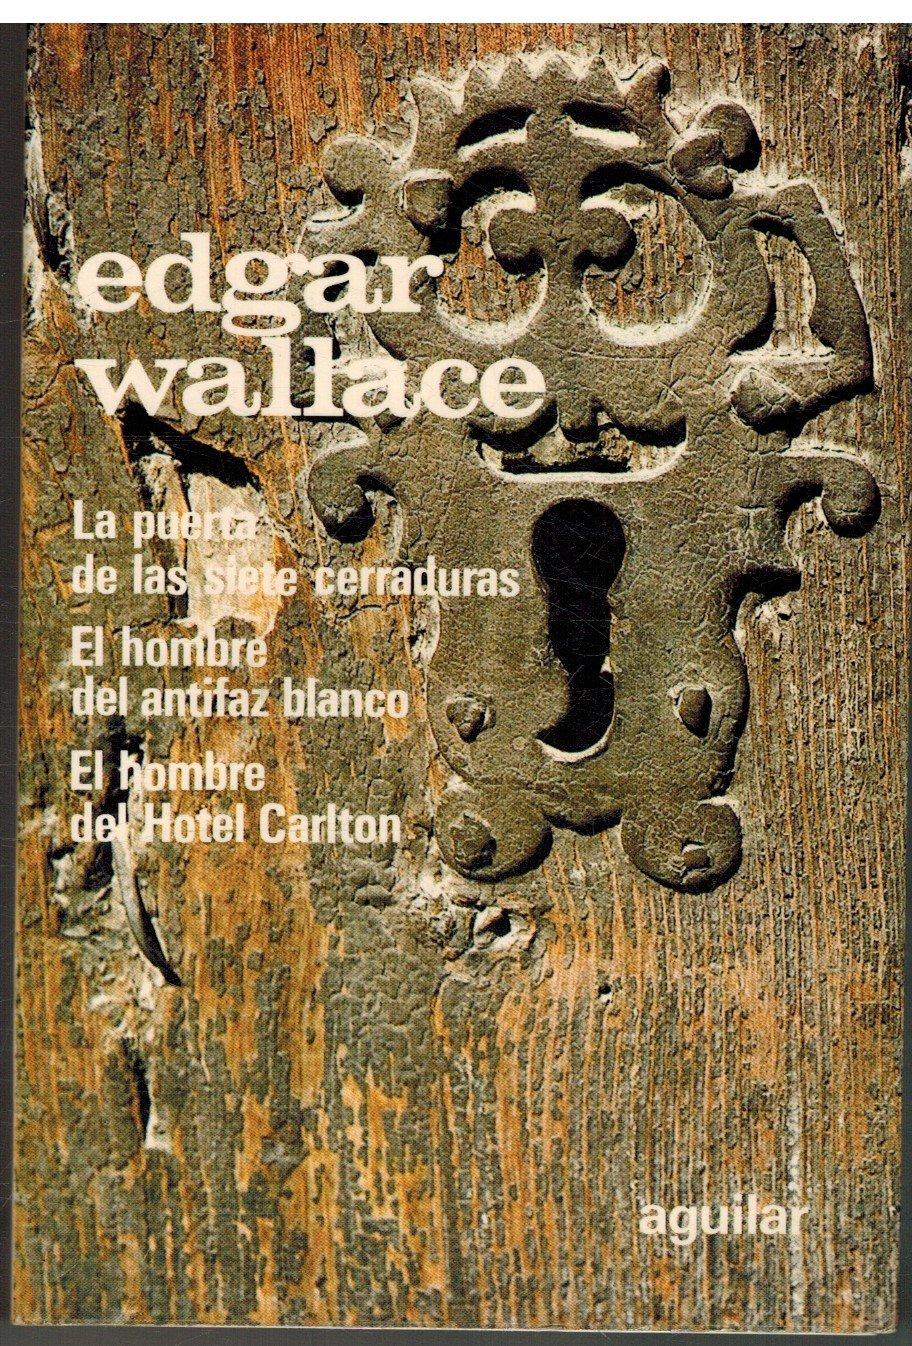 ... La puerta de las siete cerraduras ; El hombre del antifaz blanco ; El hombre del Hotel Carlton: Edgar.- WALLACE: 9788403681491: Amazon.com: Books